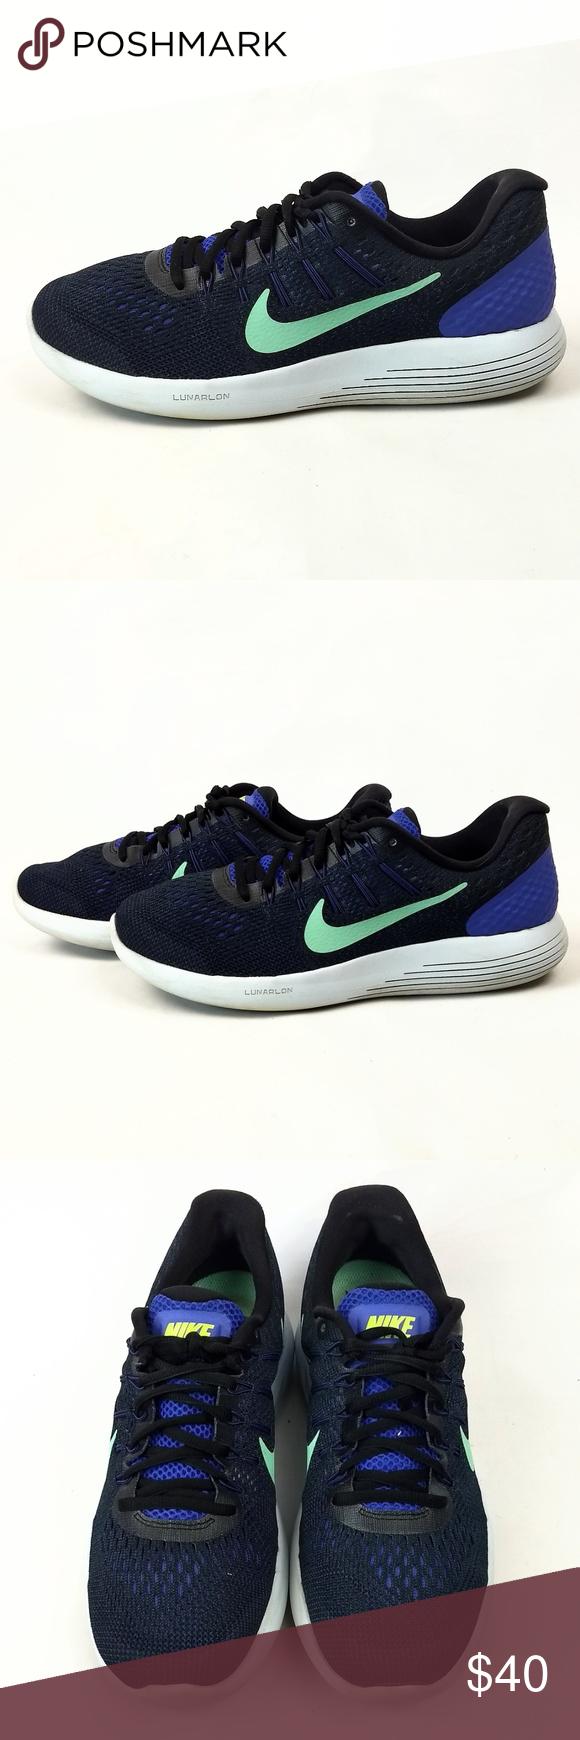 46b96021b41 Nike Lunarglide 8 Running Shoes Women s Size 9.5 Nike Lunarglide 8 Women s  Running Shoes Persian Violet